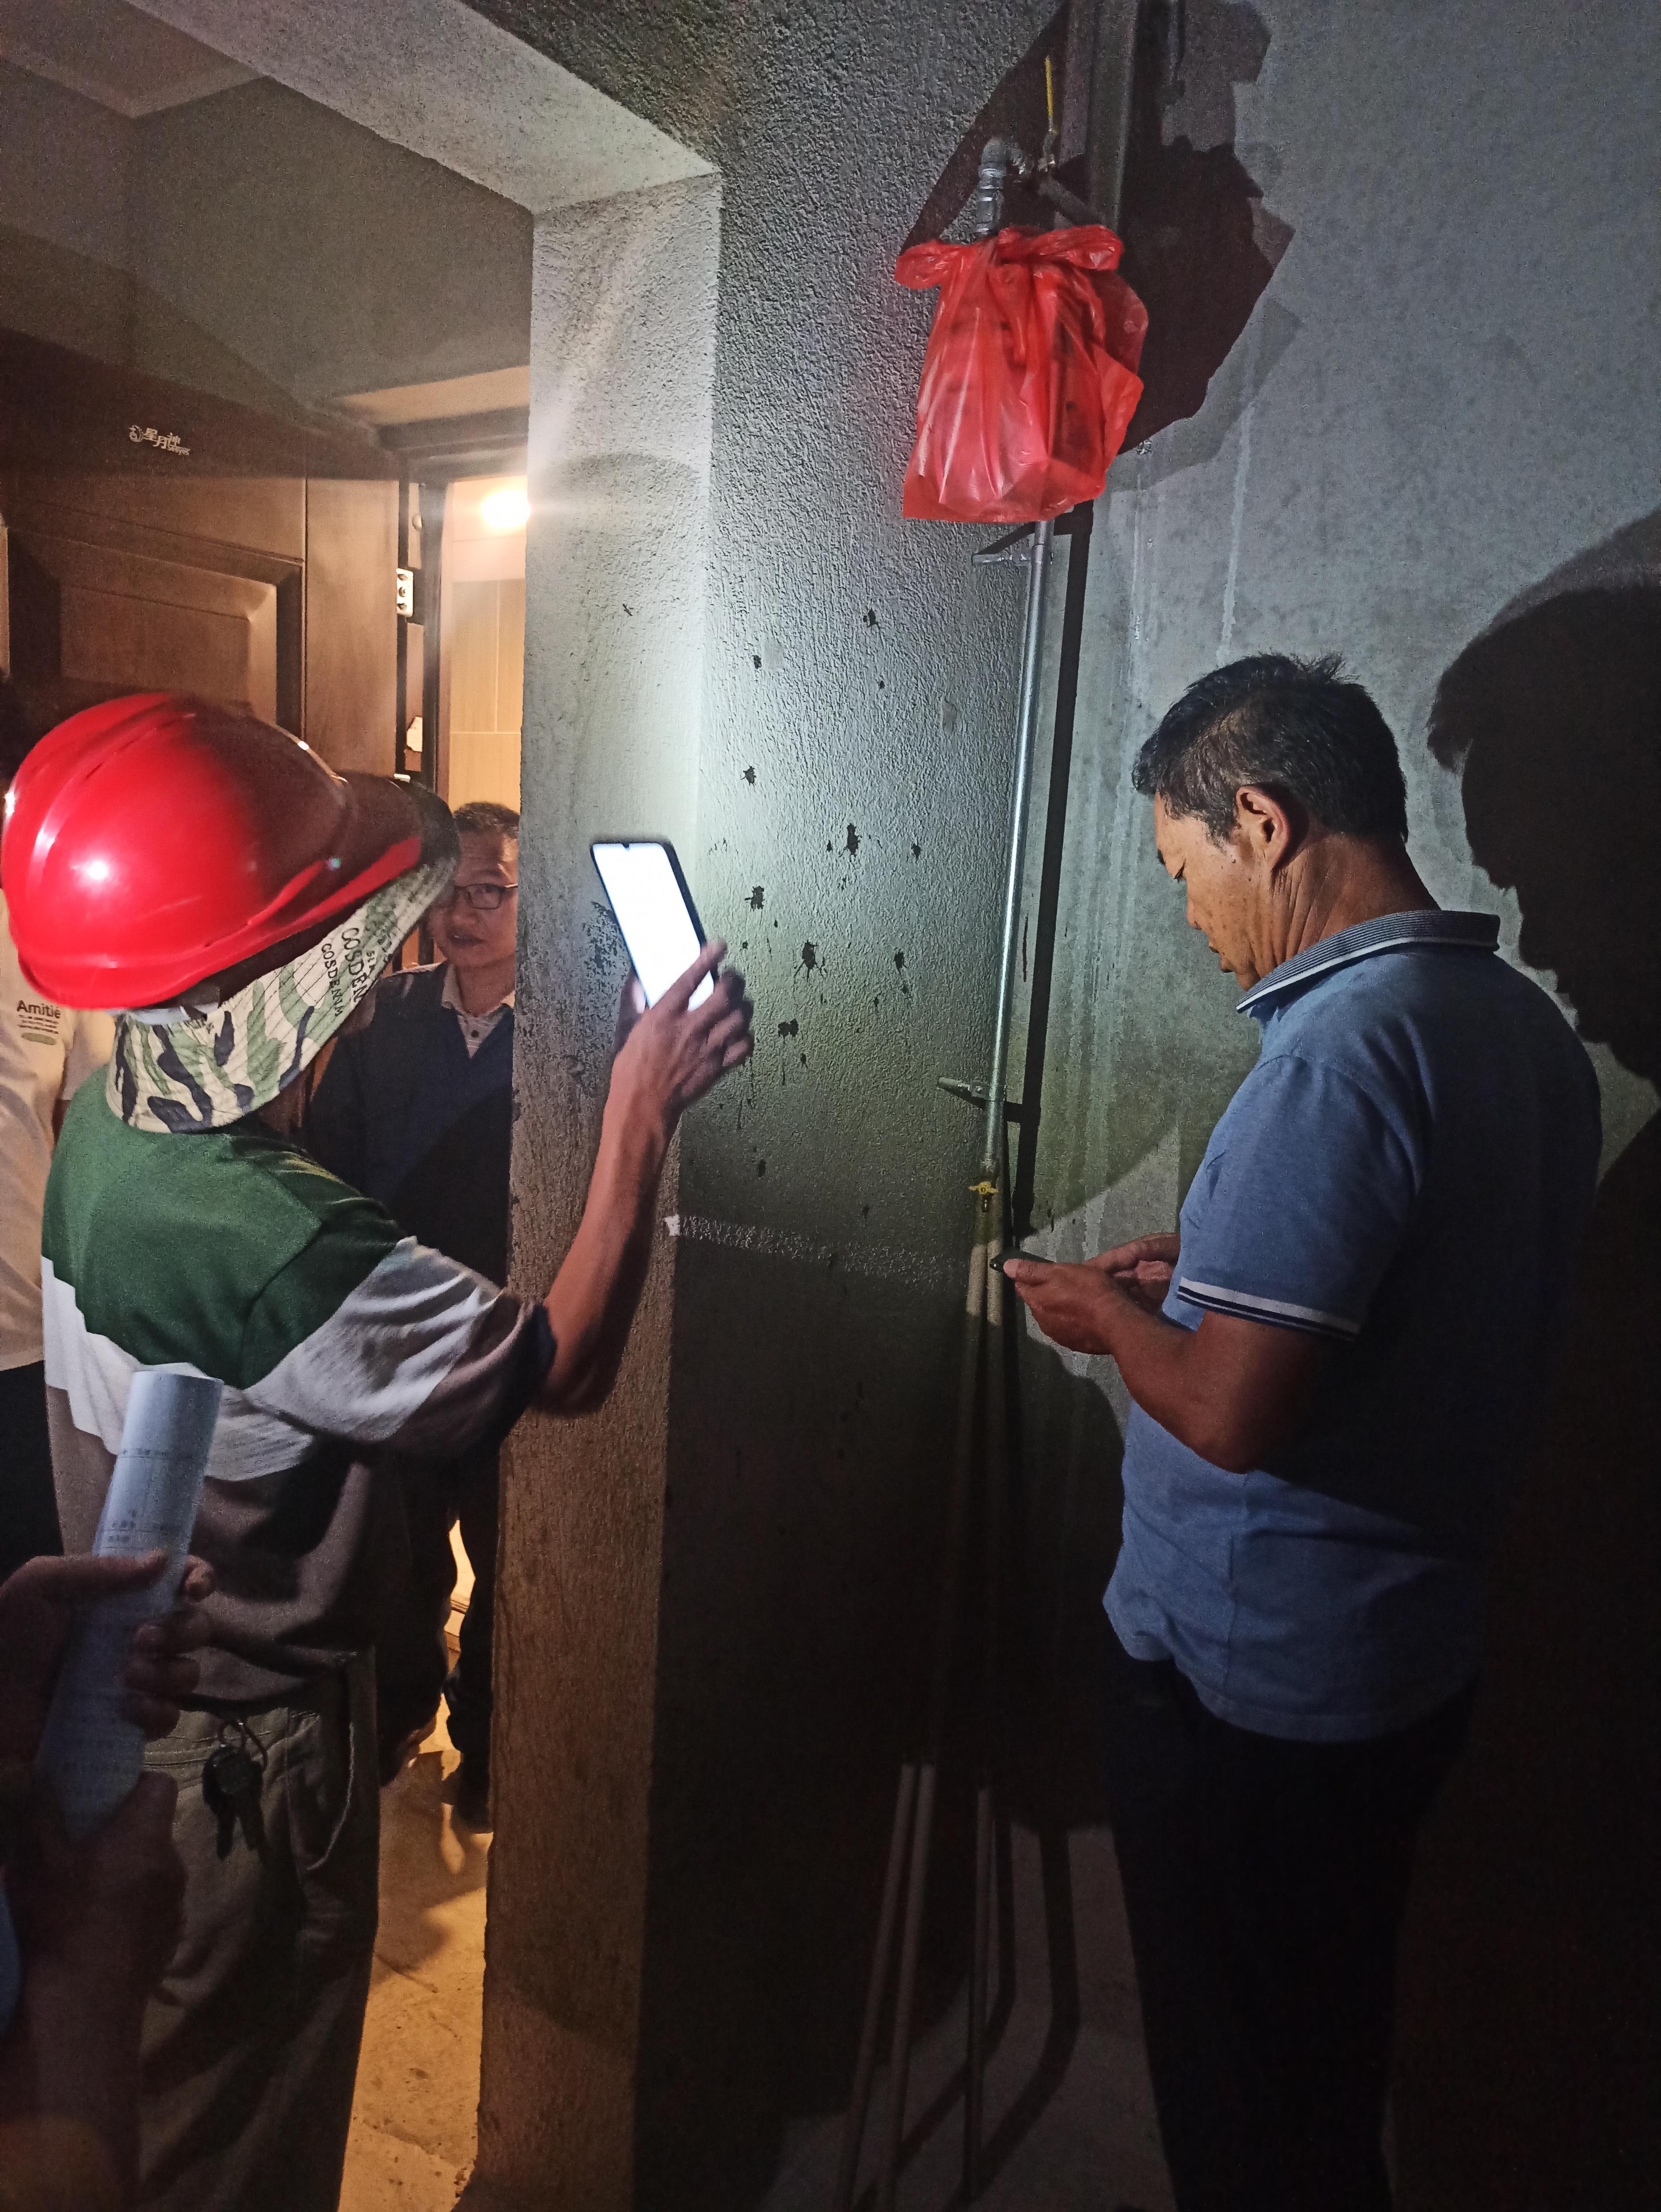 新城雅樾小区(二期)居民用燃气及设施安装bv伟德安卓app下载        顺利通过竣工验收